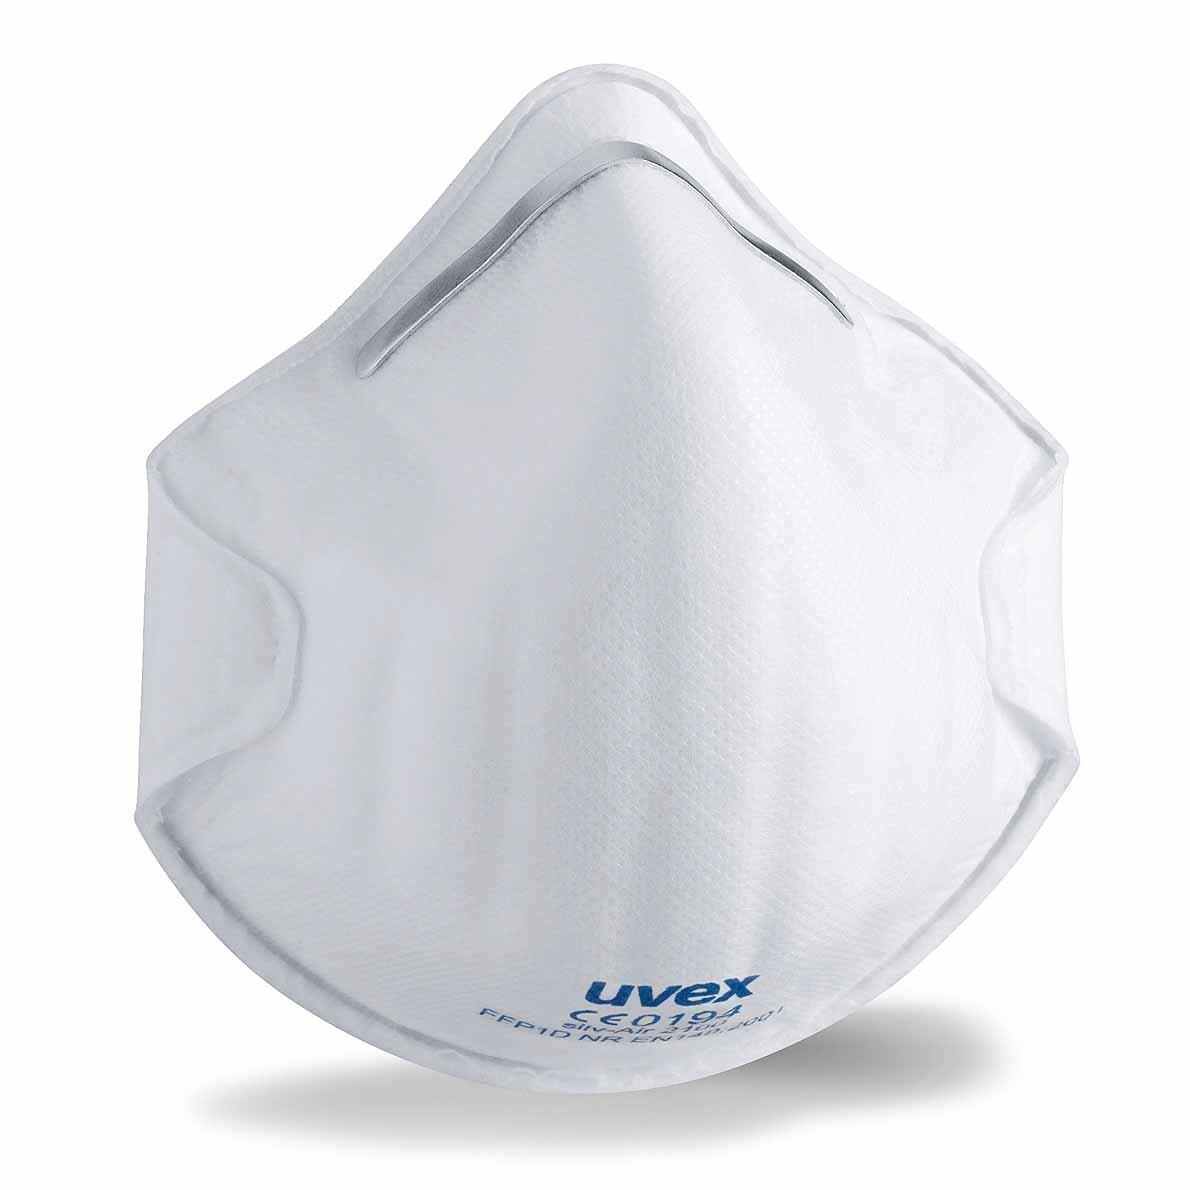 Uvex silv-aria Snorkels con filtro clásico 21008732100Clase/Nivel de protección: FFP 120pz.